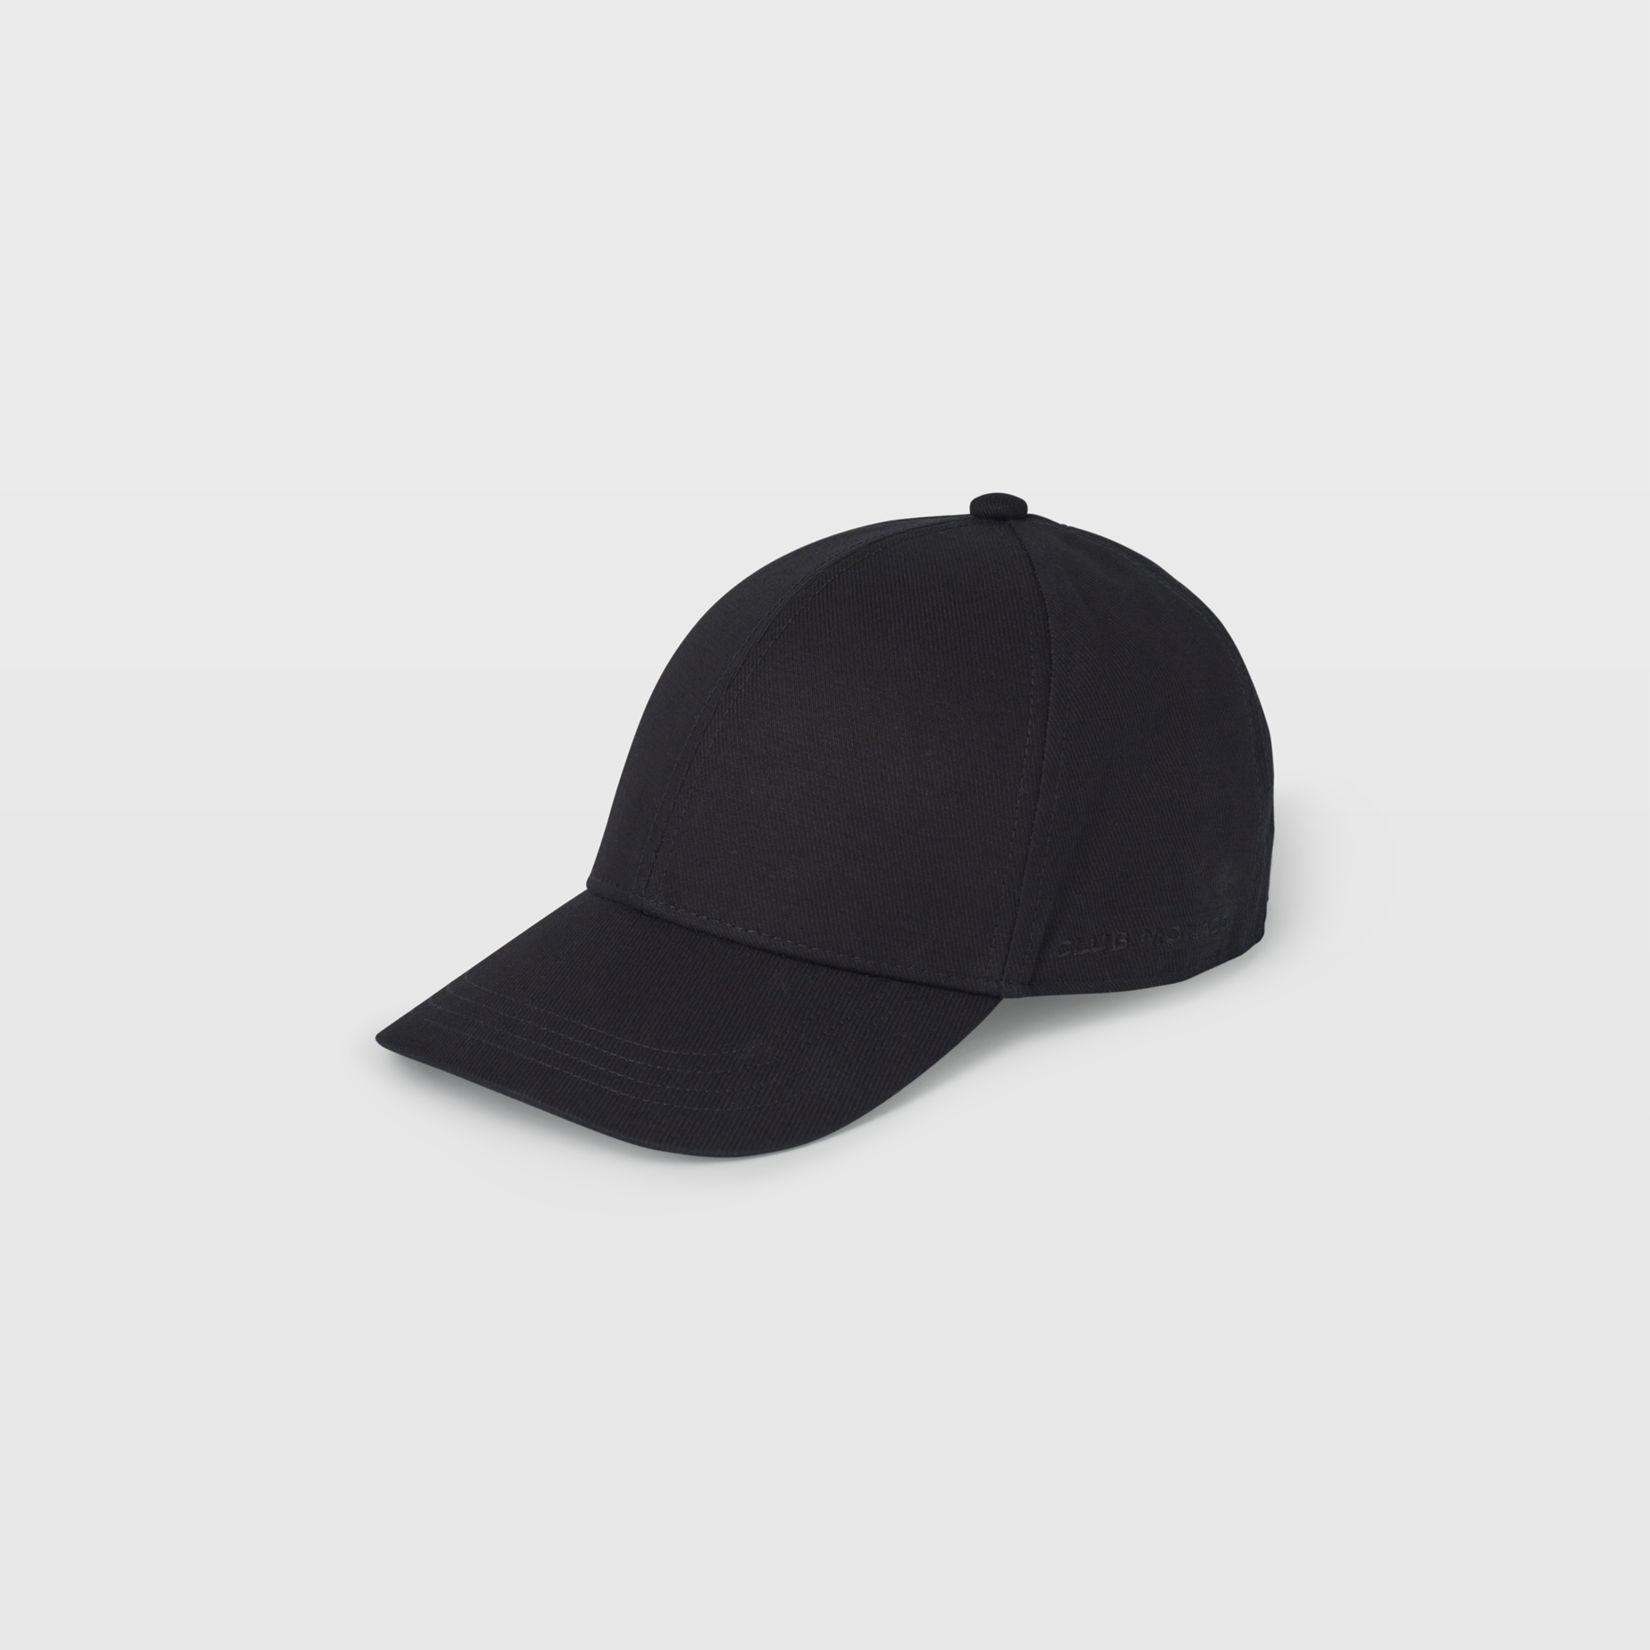 0f4b72b50f9 Cotton Twill Baseball Cap